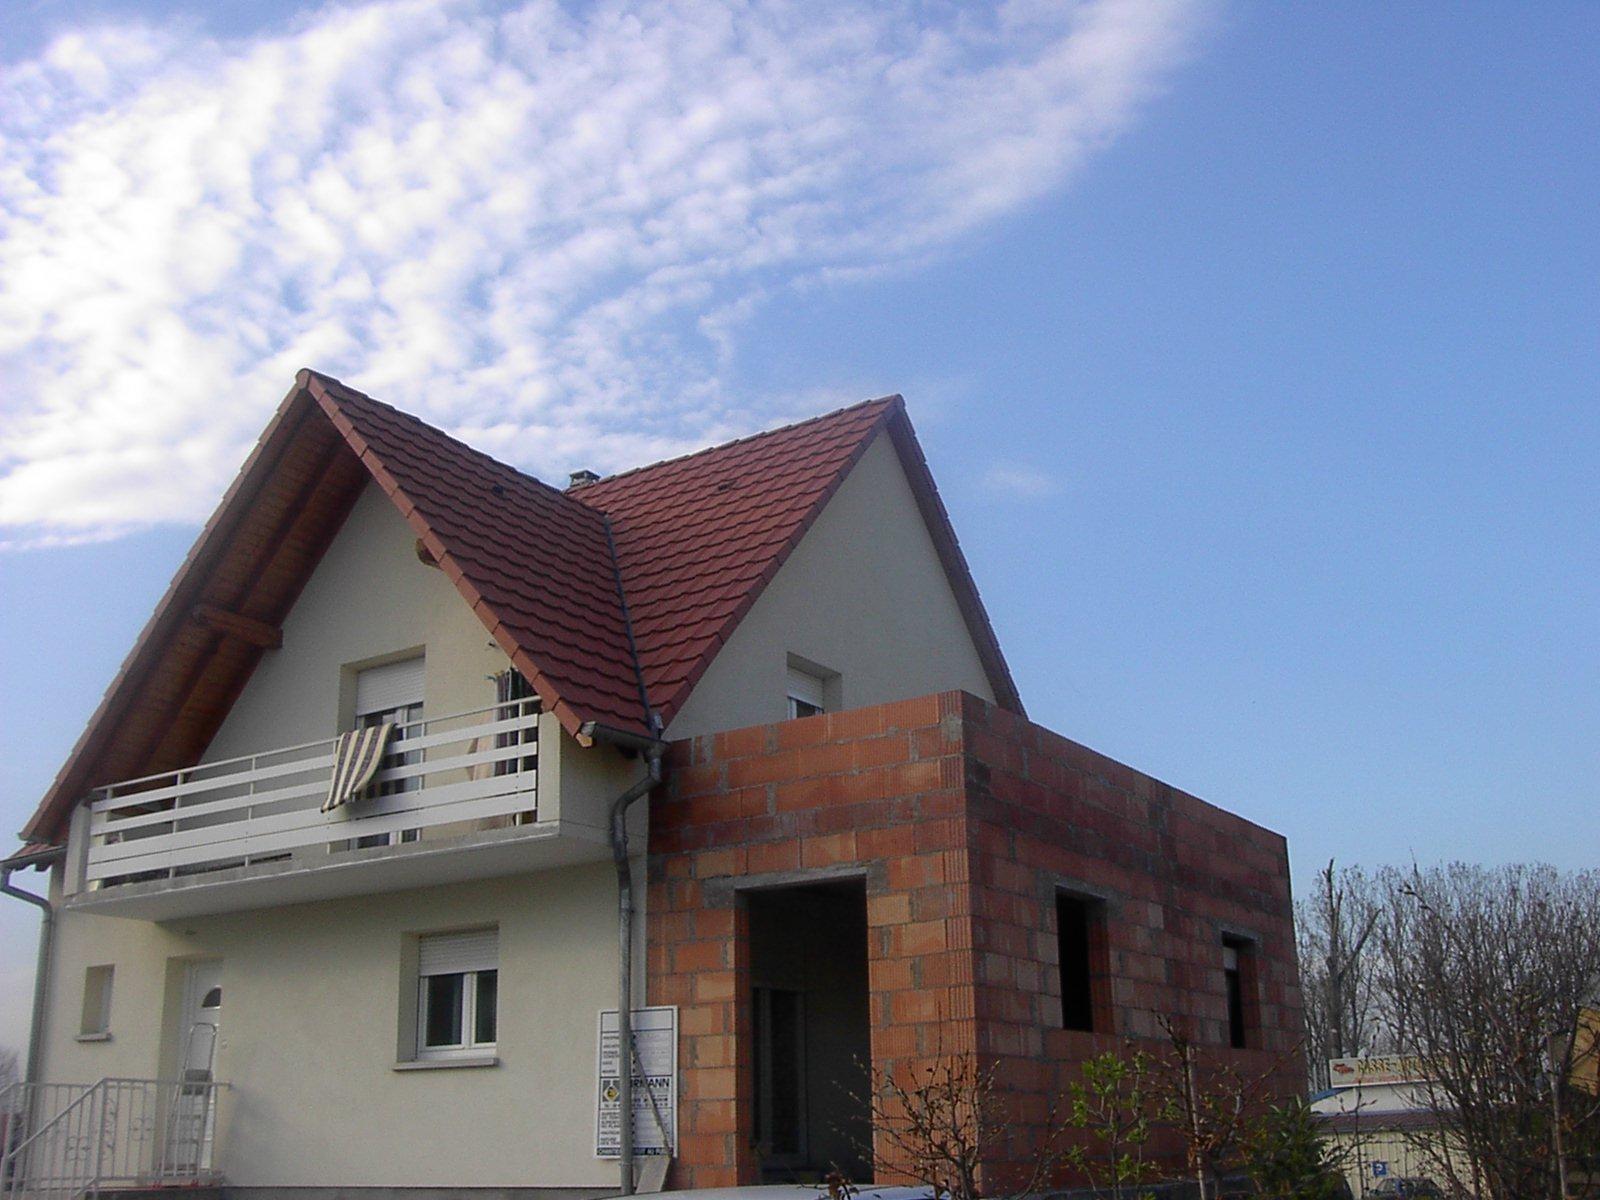 R alisation de la charpente et de la couverture d 39 une extension huss couverture for Tuile de maison